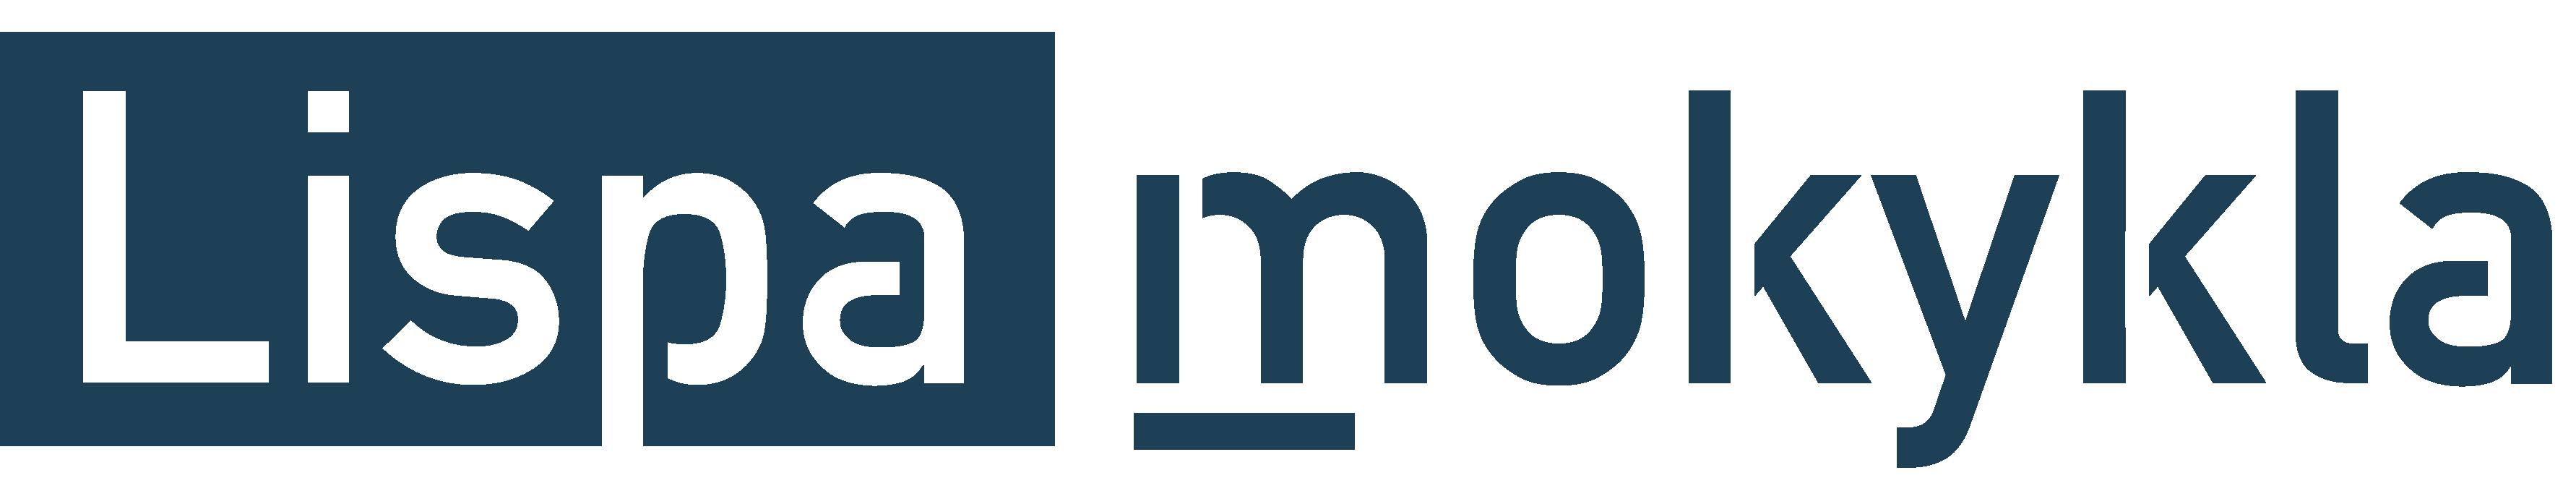 Lispa mokykla logo